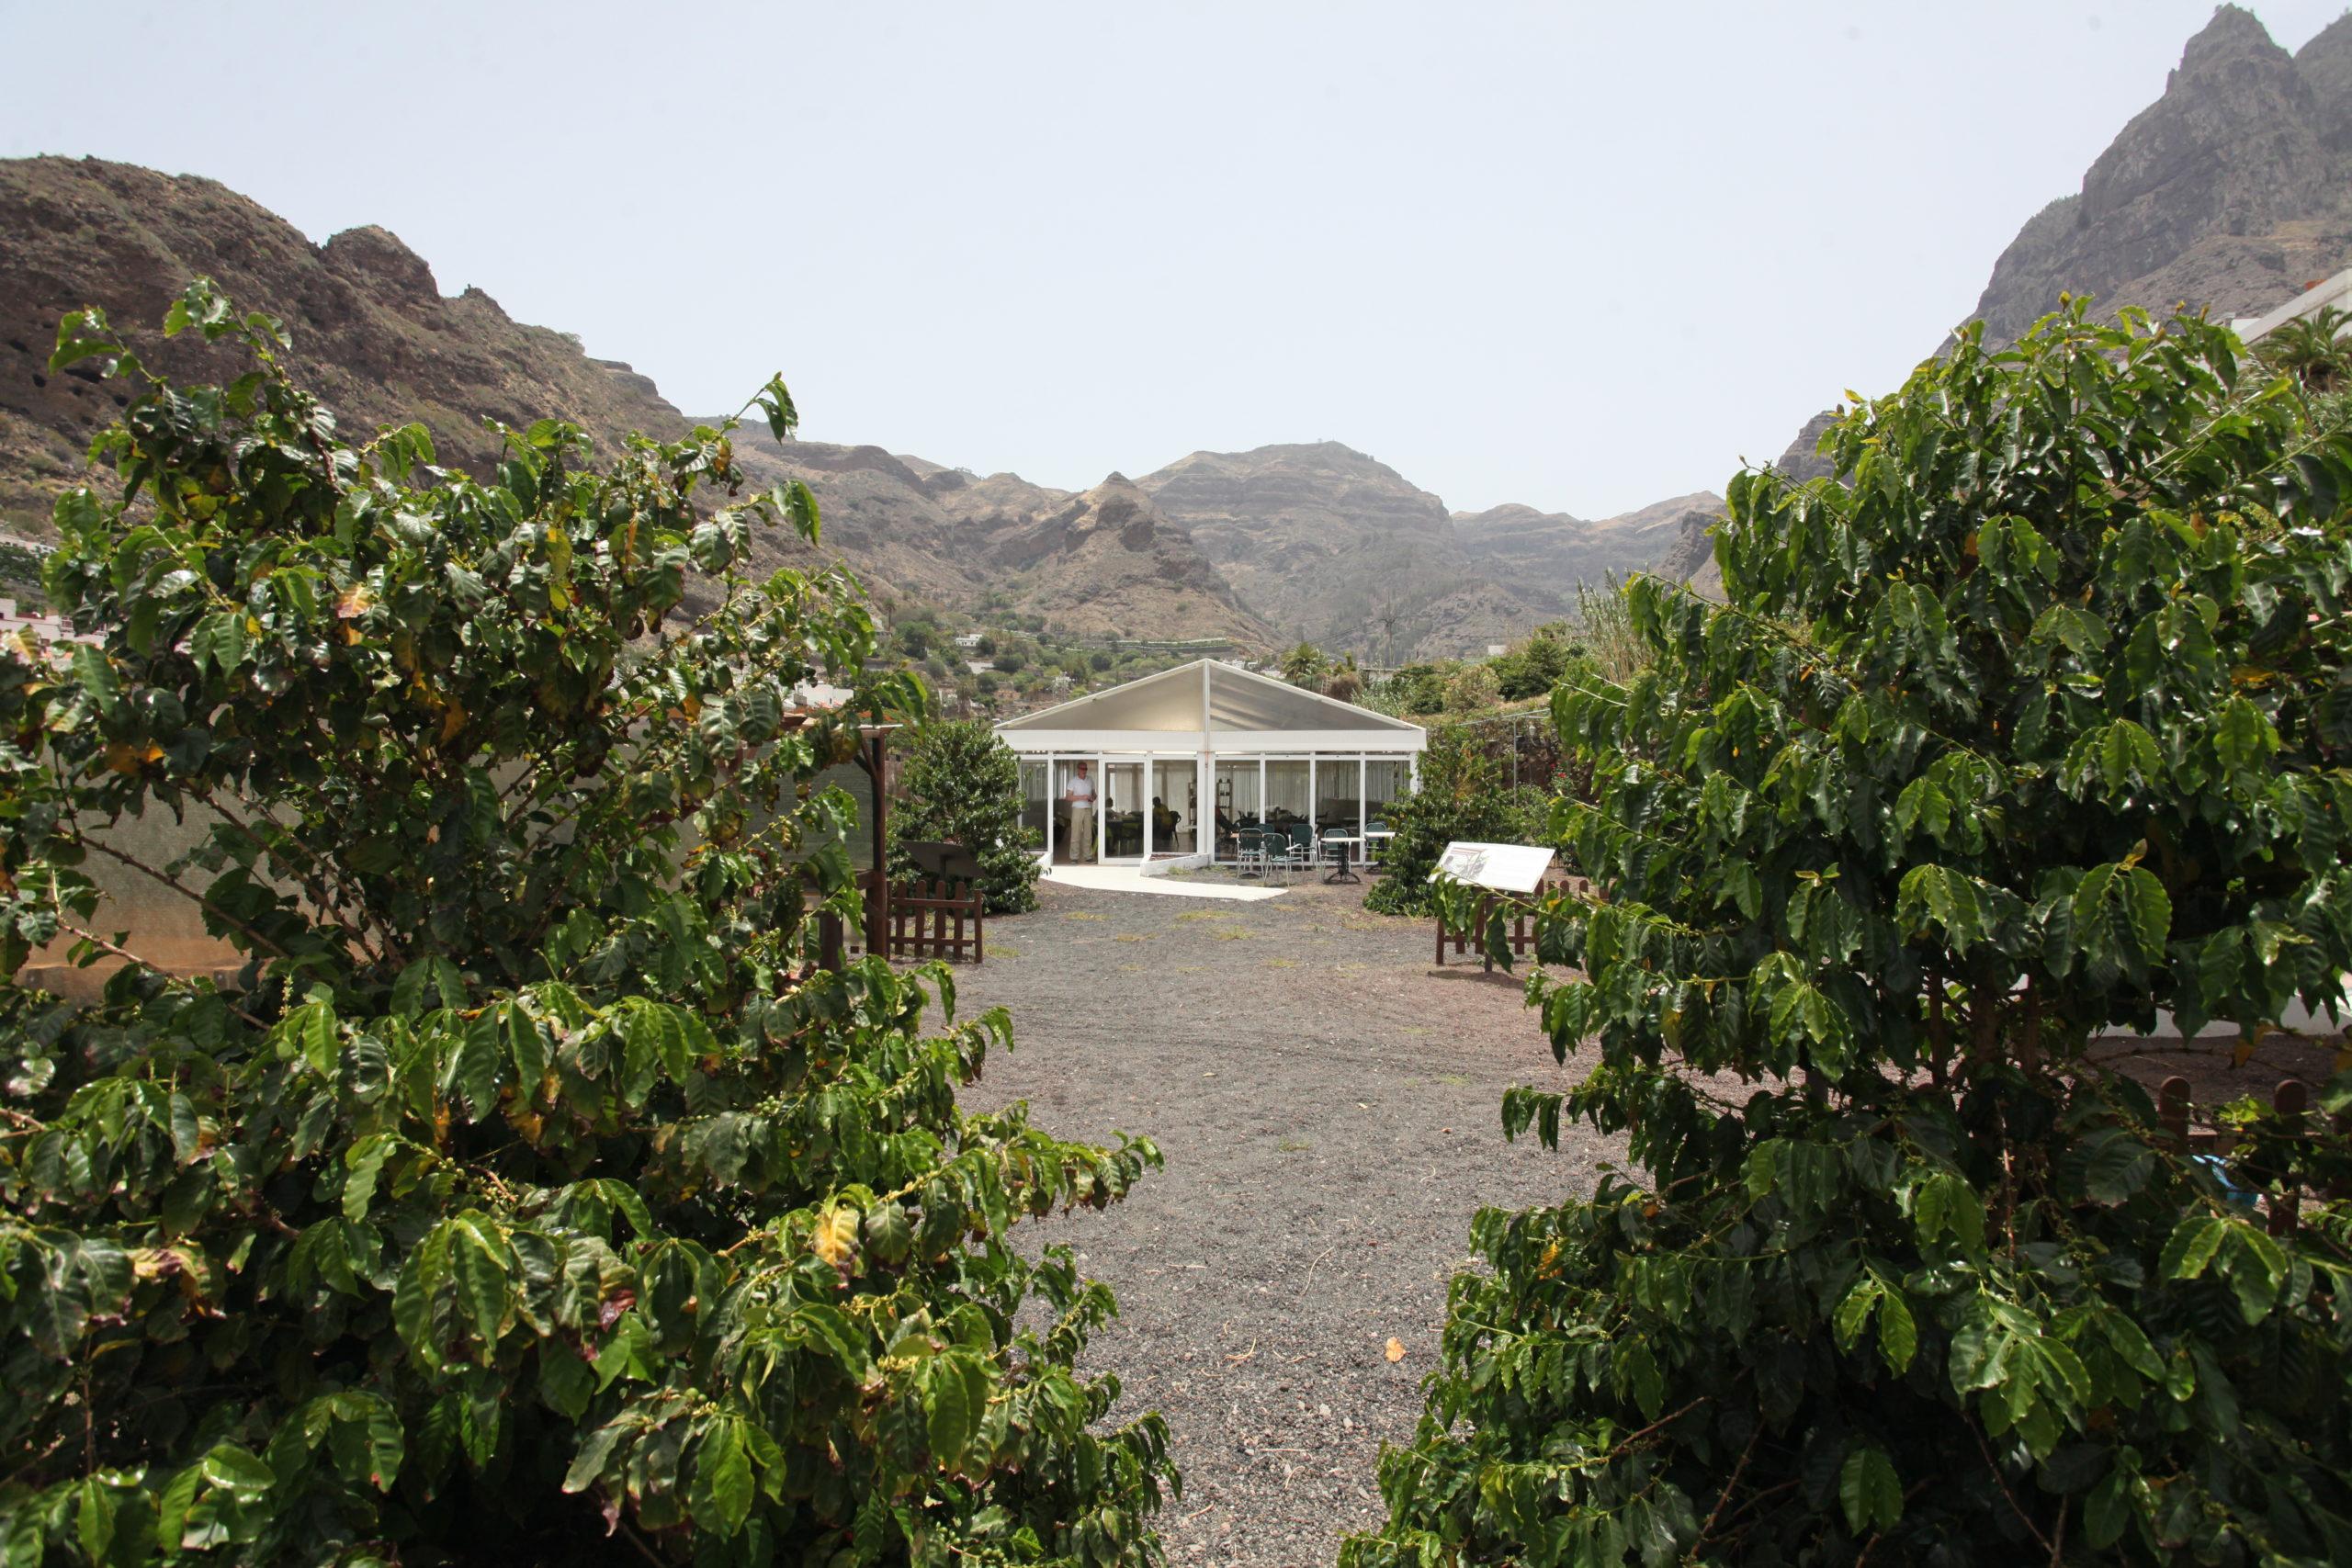 Eingang des Gästezelts auf der Kaffeeplantage in Agaete